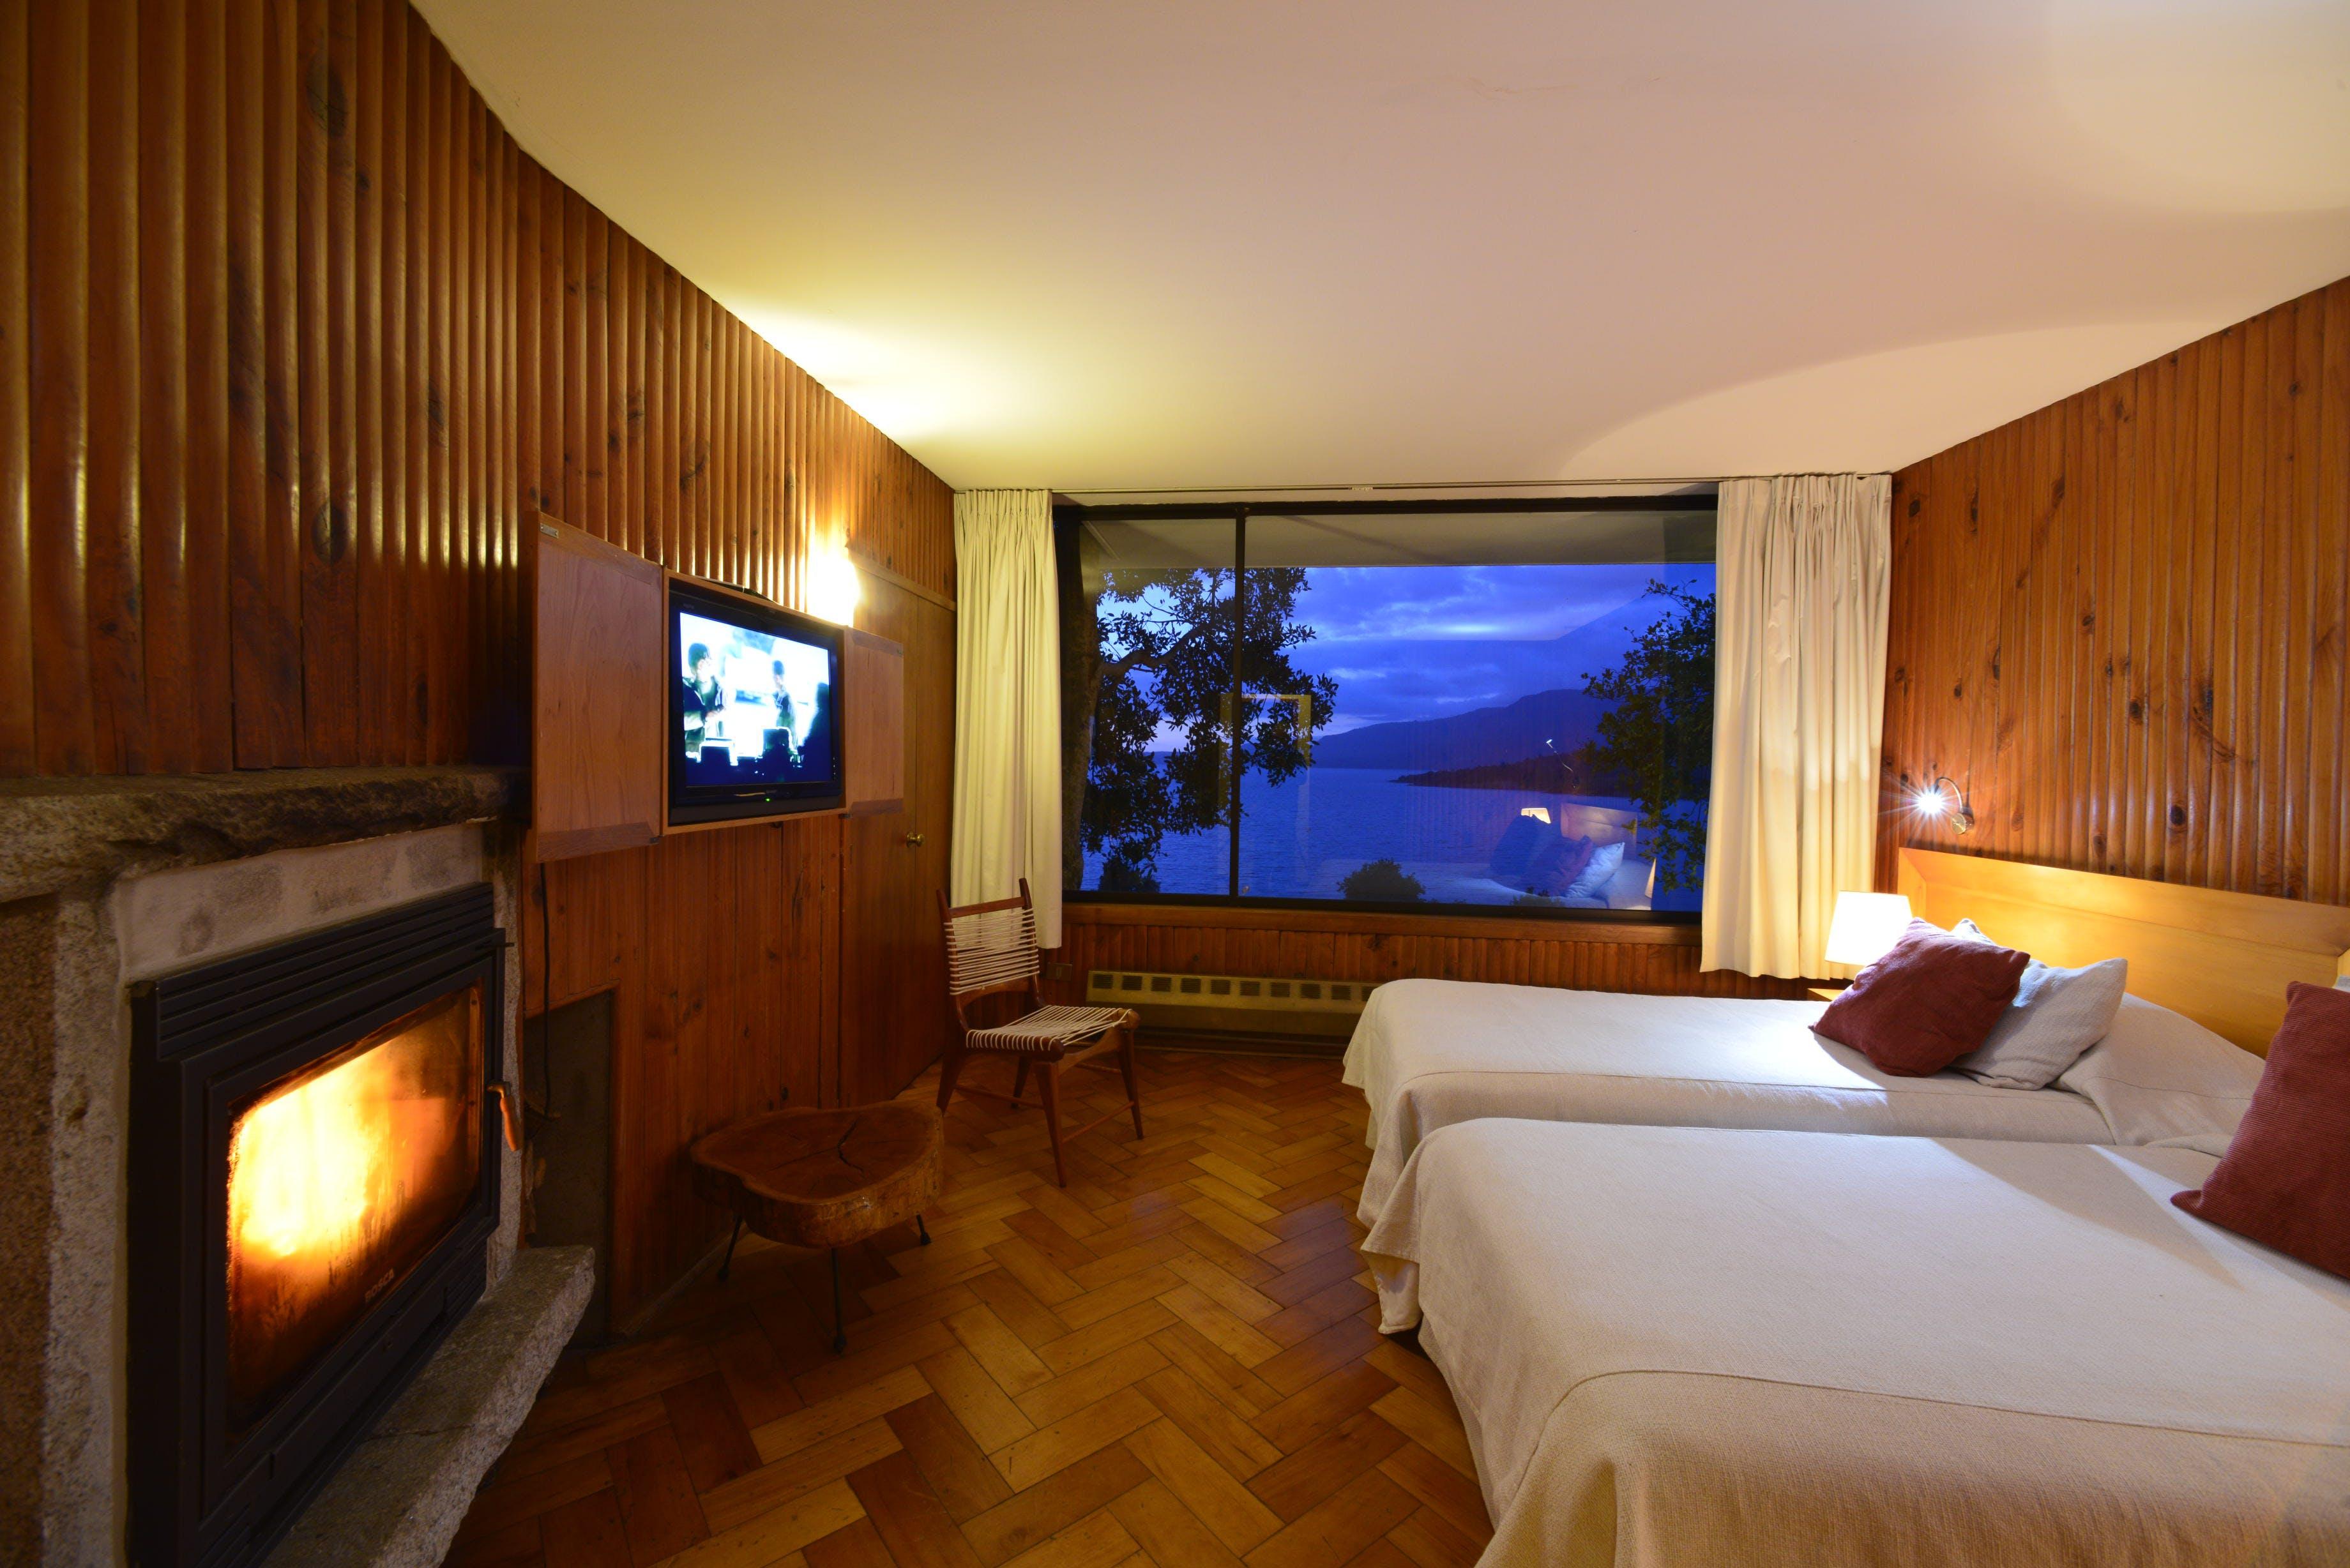 Royal Chalet | Hotel Antumalal